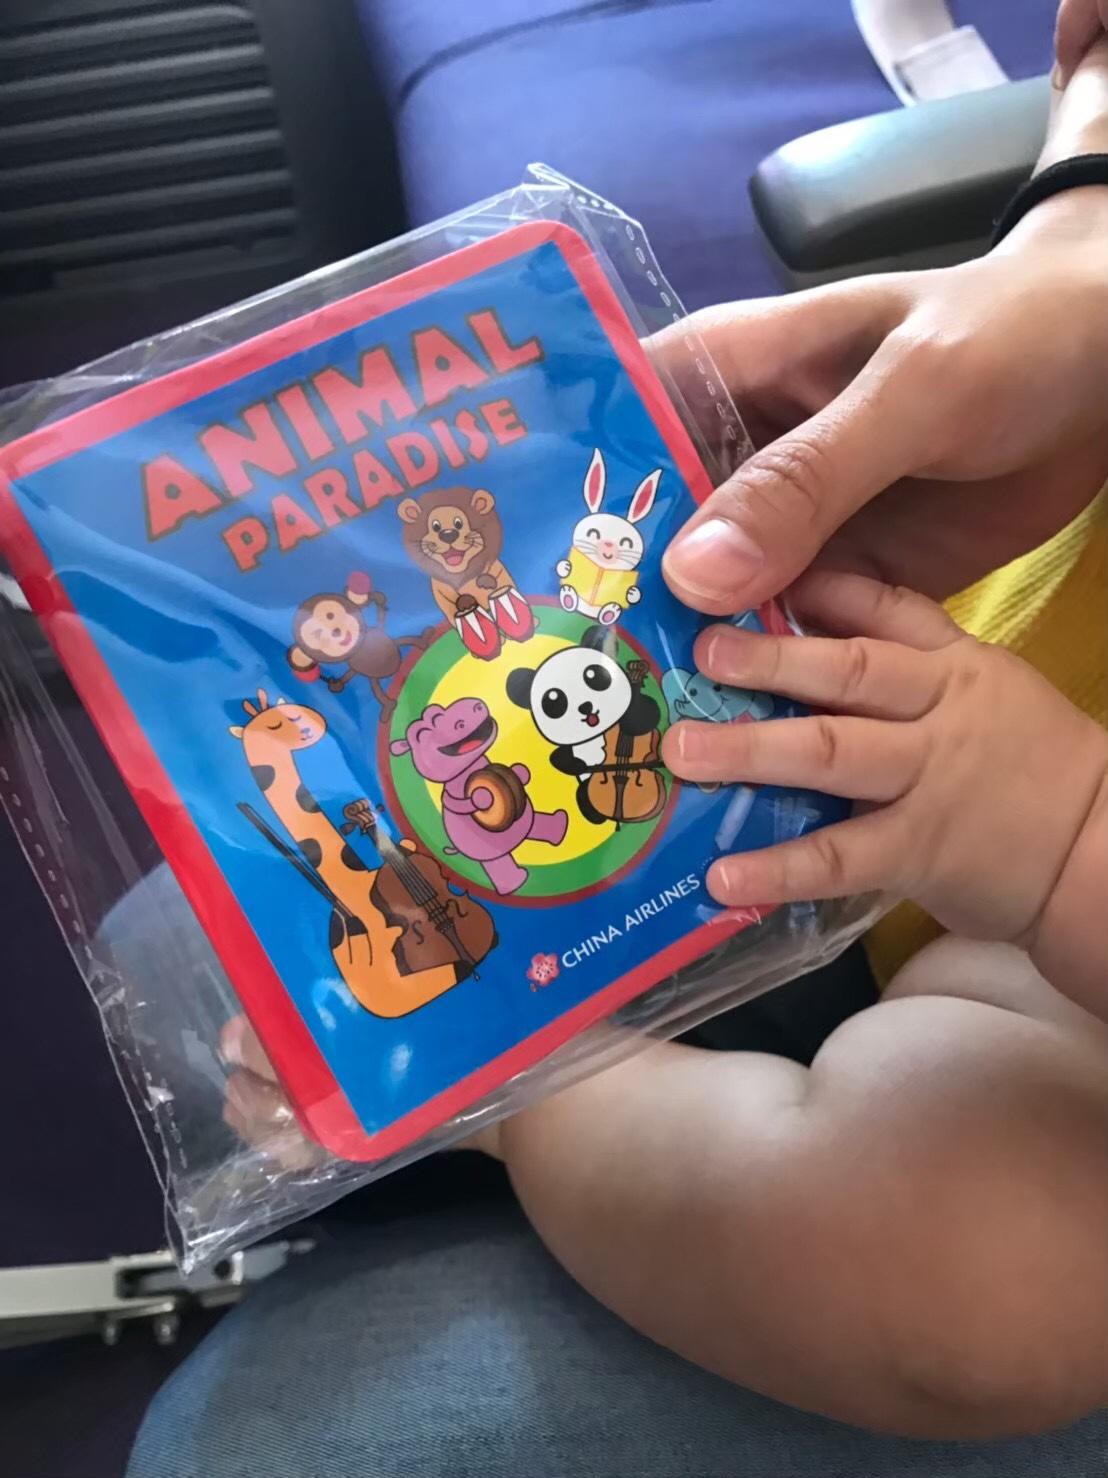 赤ちゃんの搭乗記念品は絵本